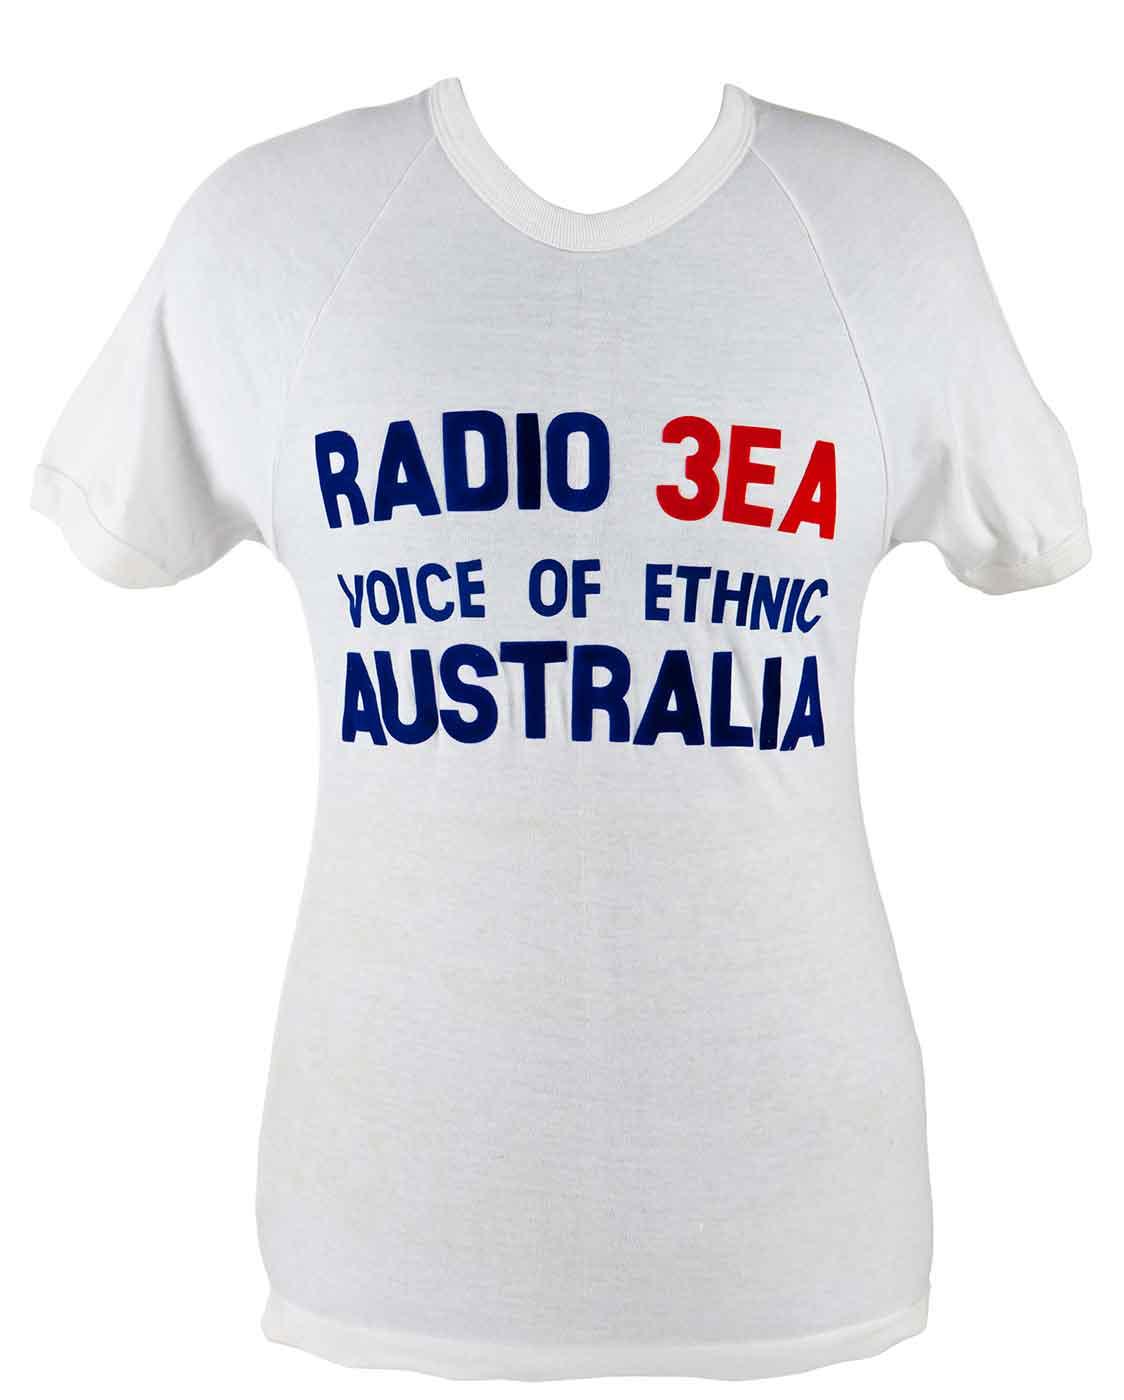 White t-shirt with the text: RADIO 3E VOICE OF ETHNIC AUSTRALIA